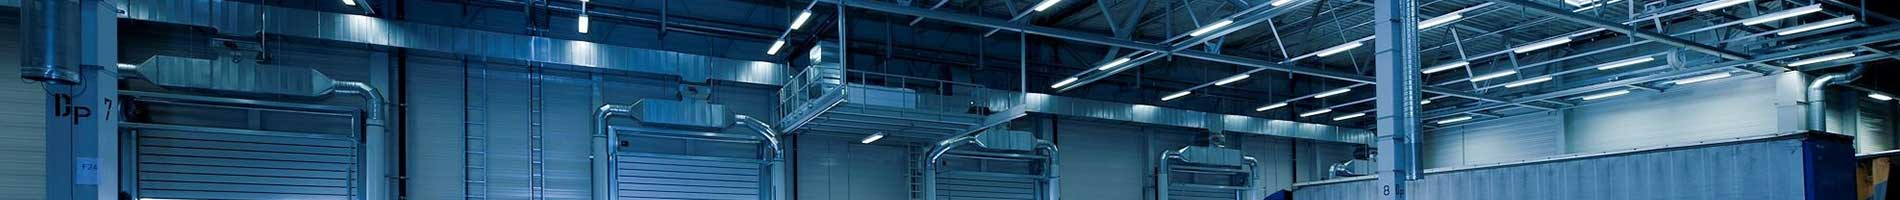 Gas-Wasser-Heizungsinstallateure m/w/d